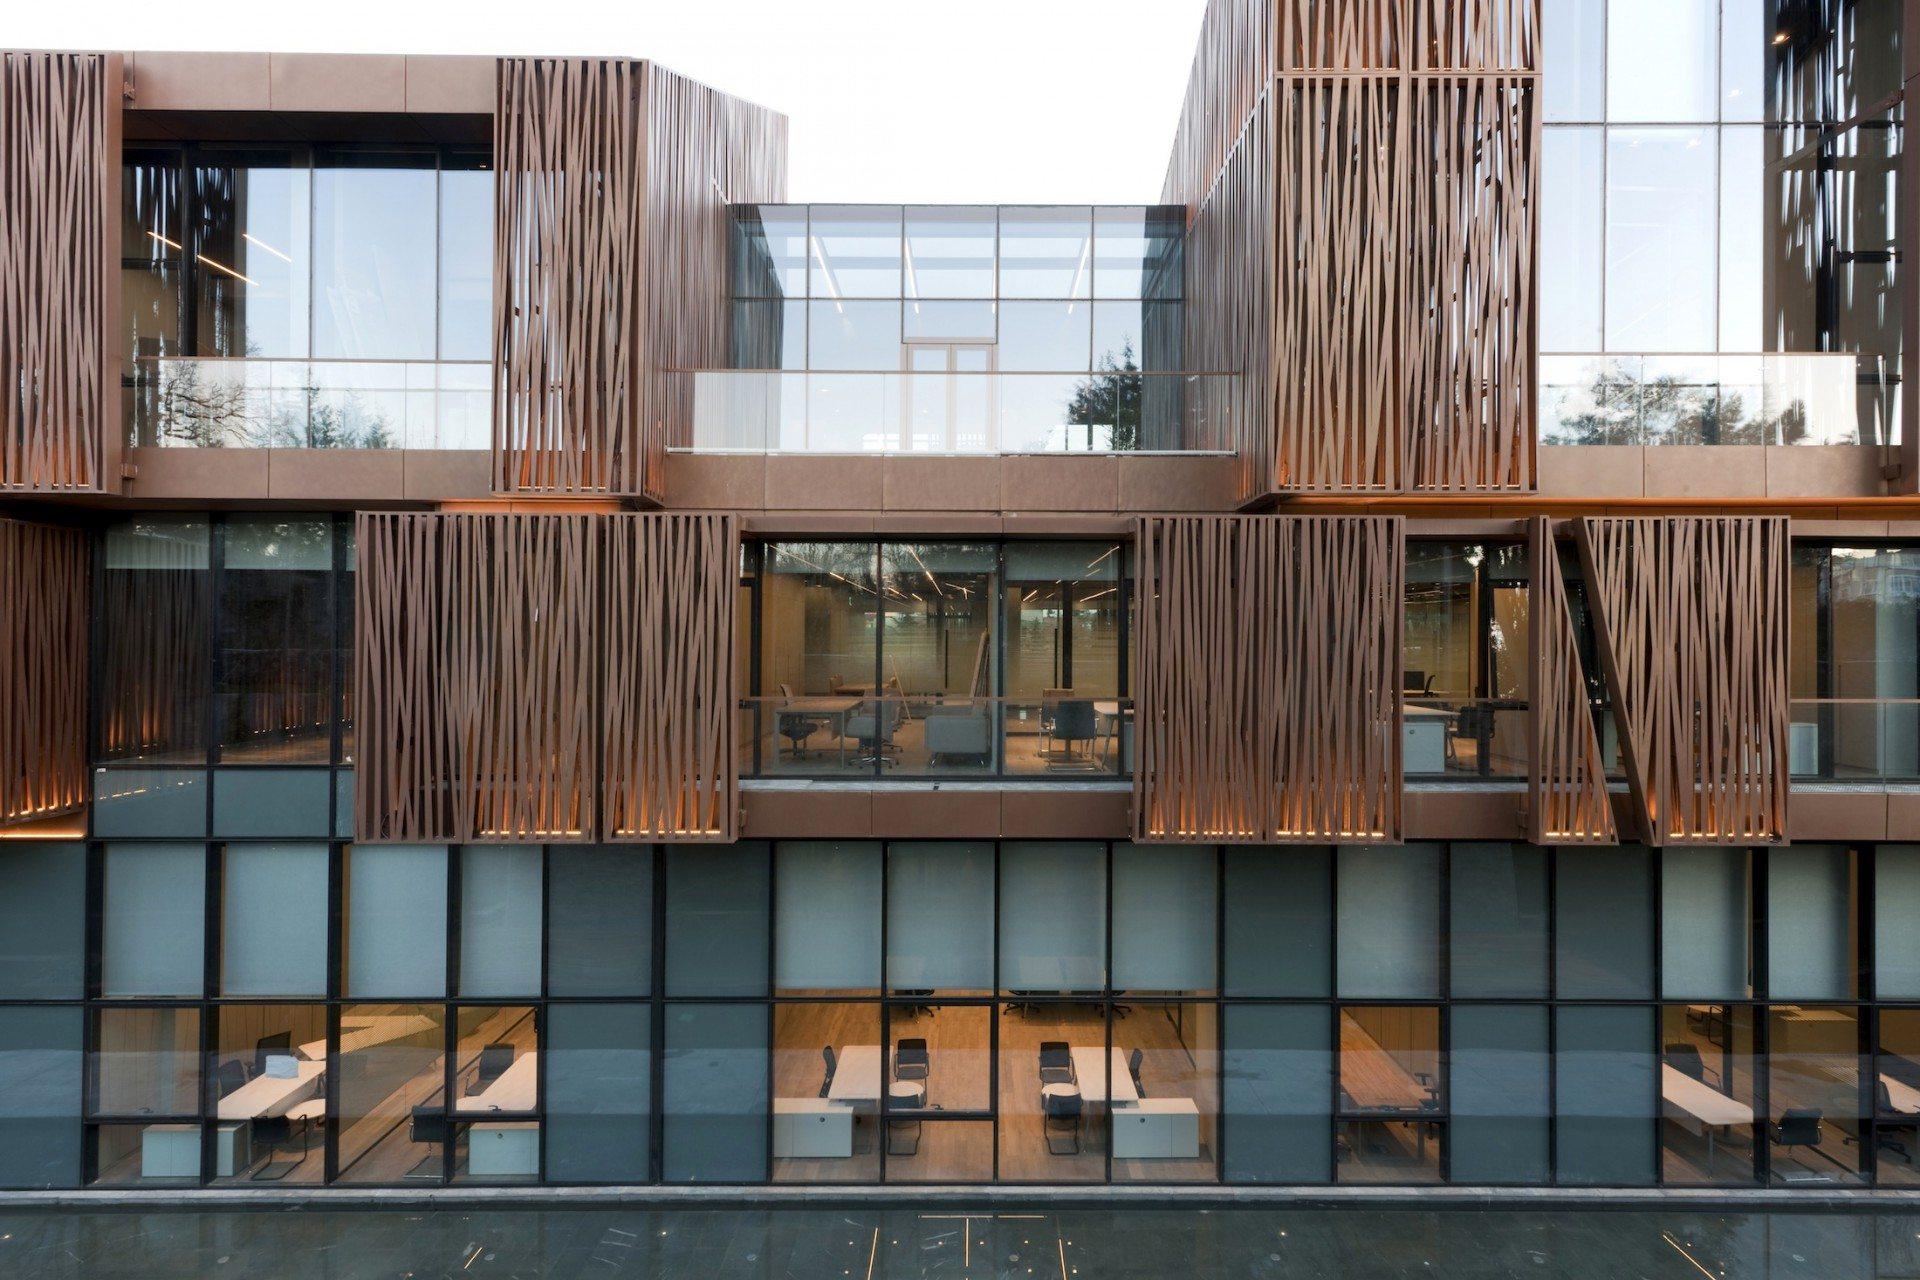 Stapelweise.  Das Selcuk Ecza Hauptquartier von Tabanlioglu Architects.